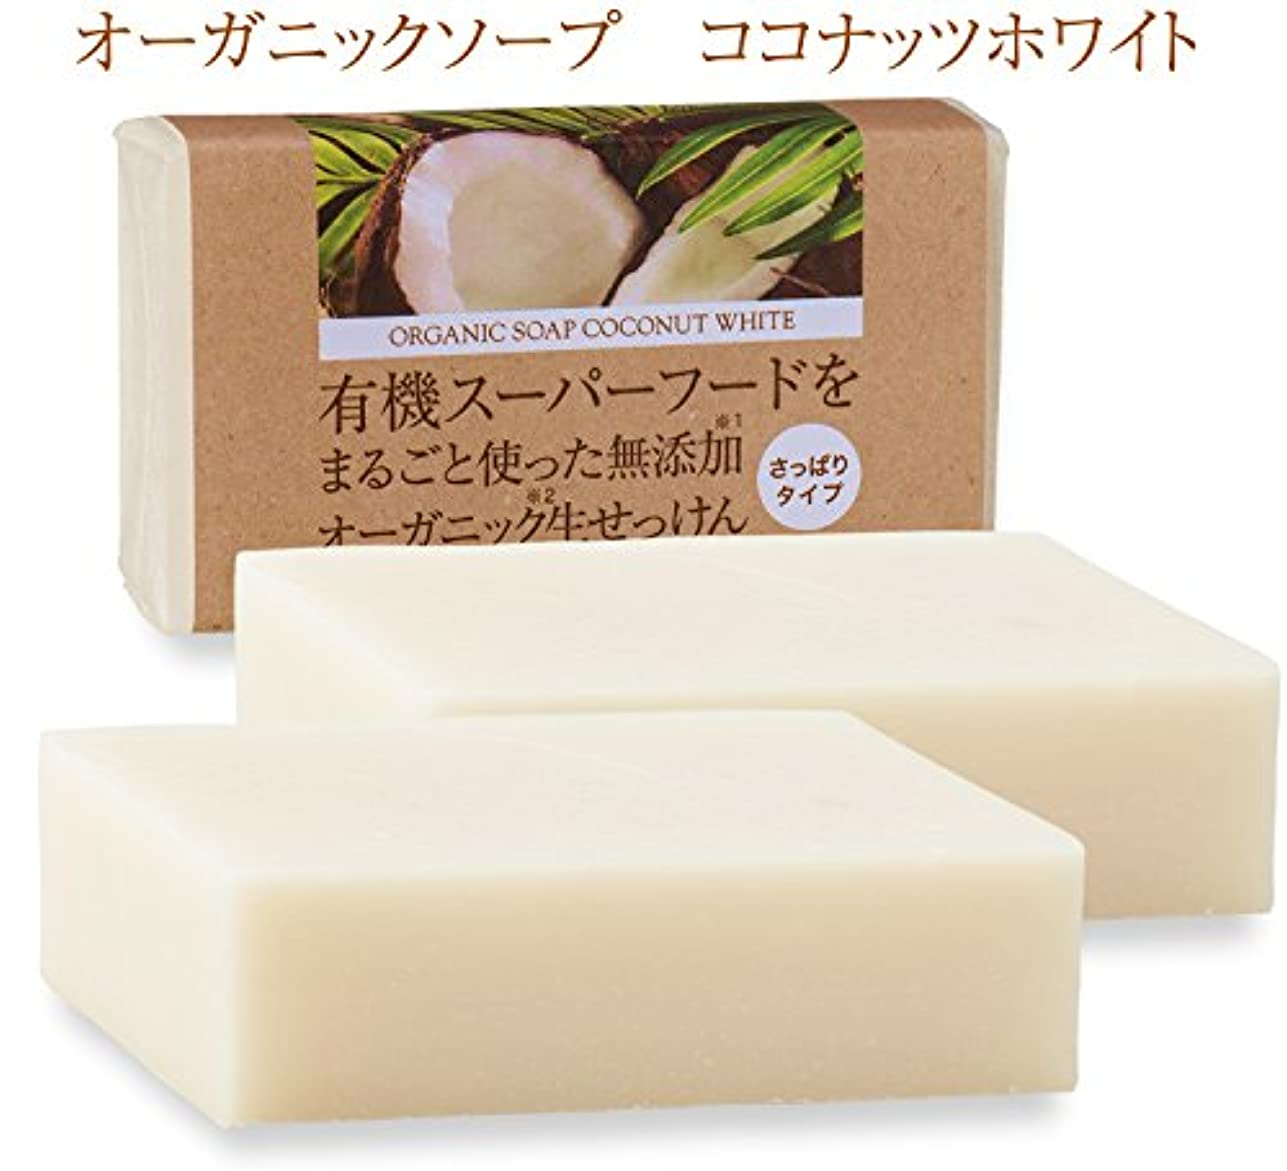 ワーディアンケース把握顔料有機ココナッツオイルをまるごと使った無添加オーガニック生せっけん(枠練)Organic Raw Soap Coconut White 80g 2個 コールドプロセス製法 (日本製)